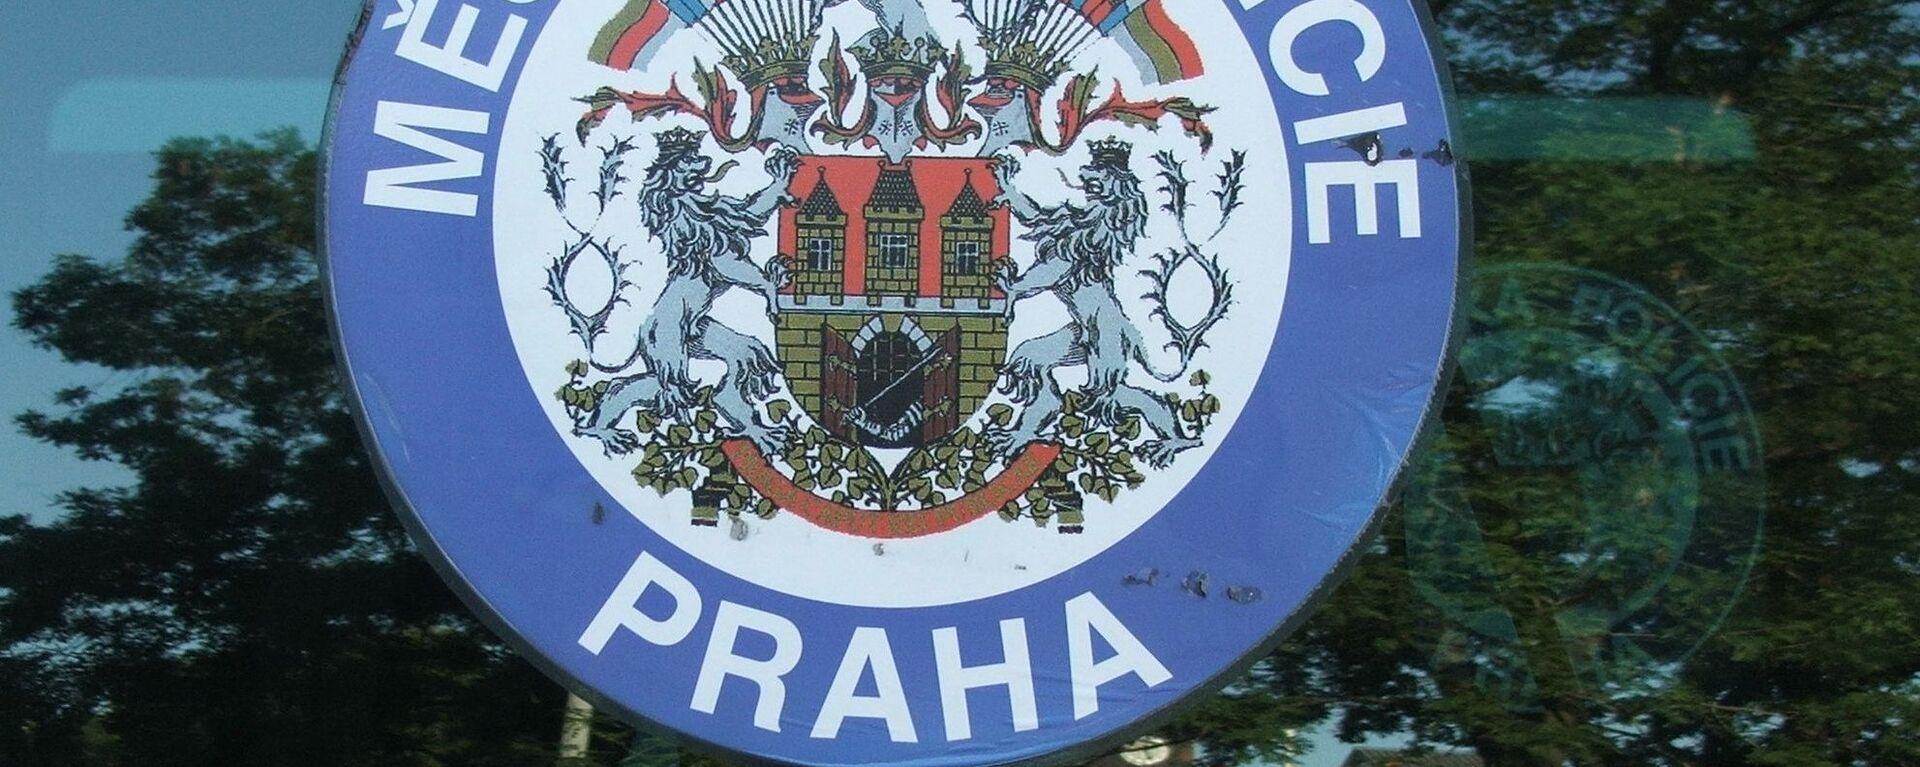 Policie ČR - Sputnik Česká republika, 1920, 14.07.2021